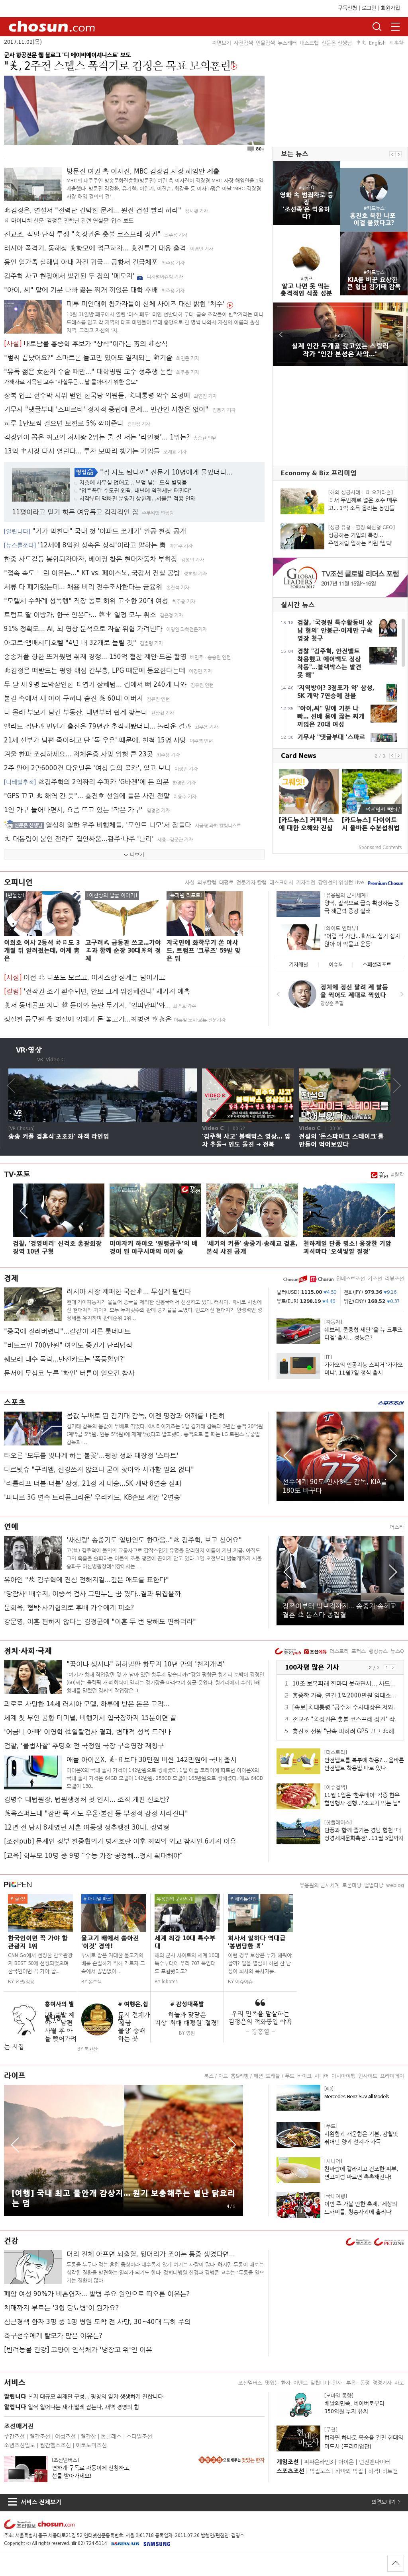 chosun.com at Wednesday Nov. 1, 2017, 4:02 p.m. UTC